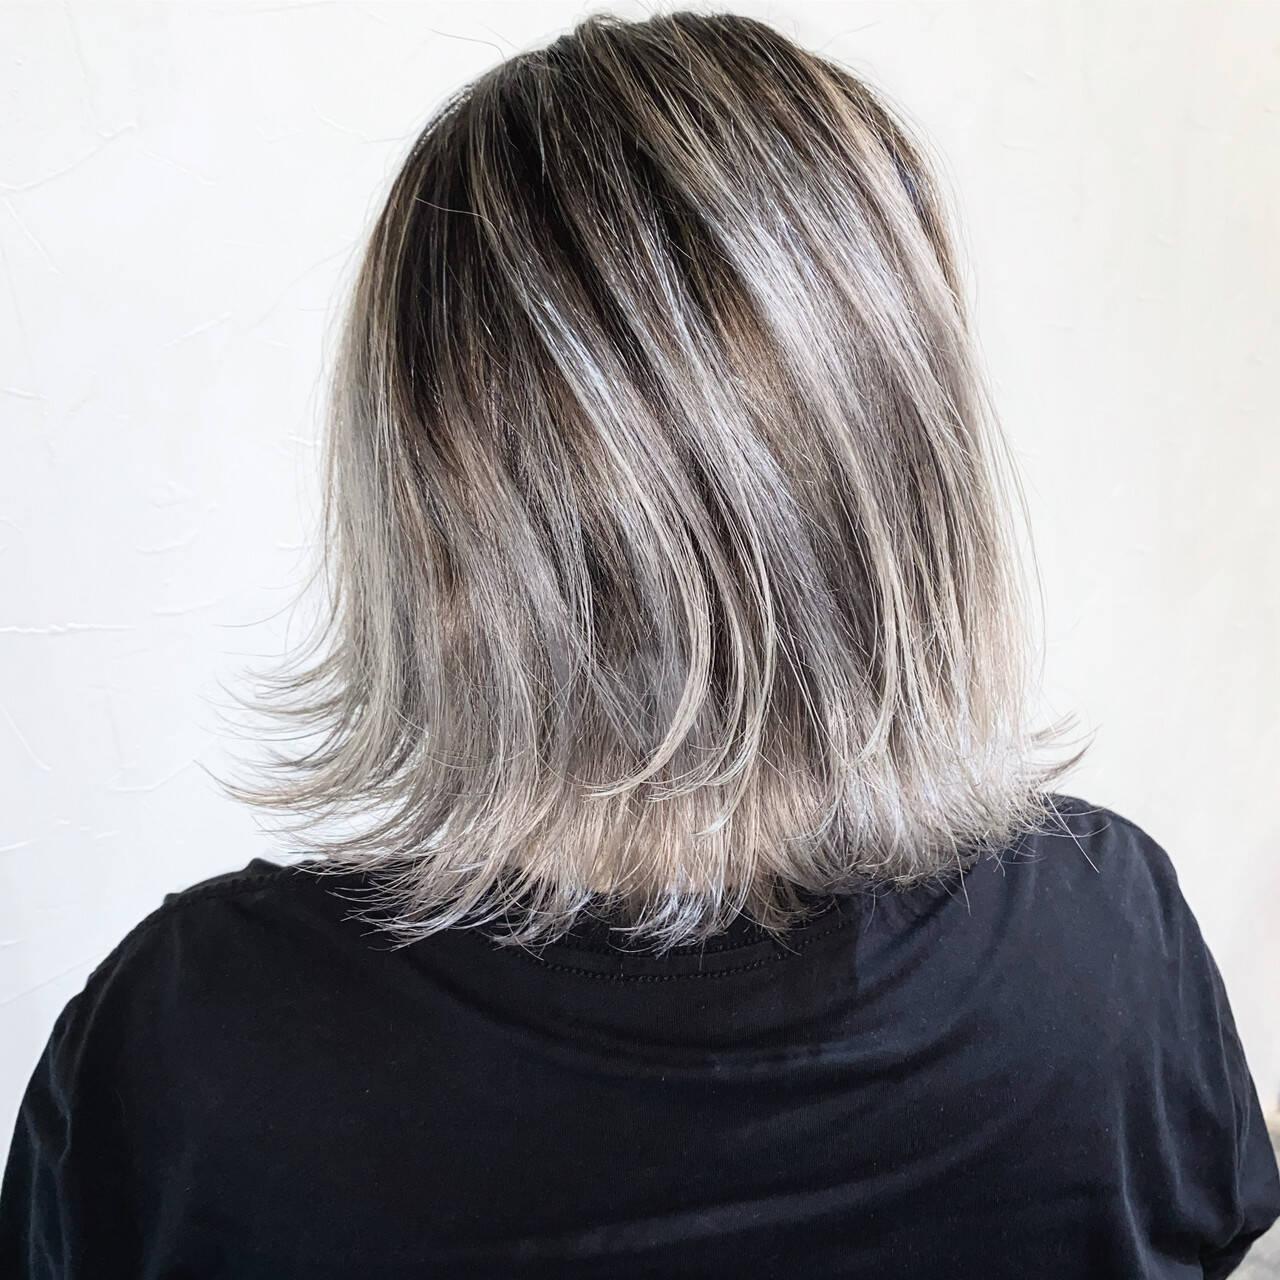 バレイヤージュ ボブ アッシュグレージュ 3Dハイライトヘアスタイルや髪型の写真・画像